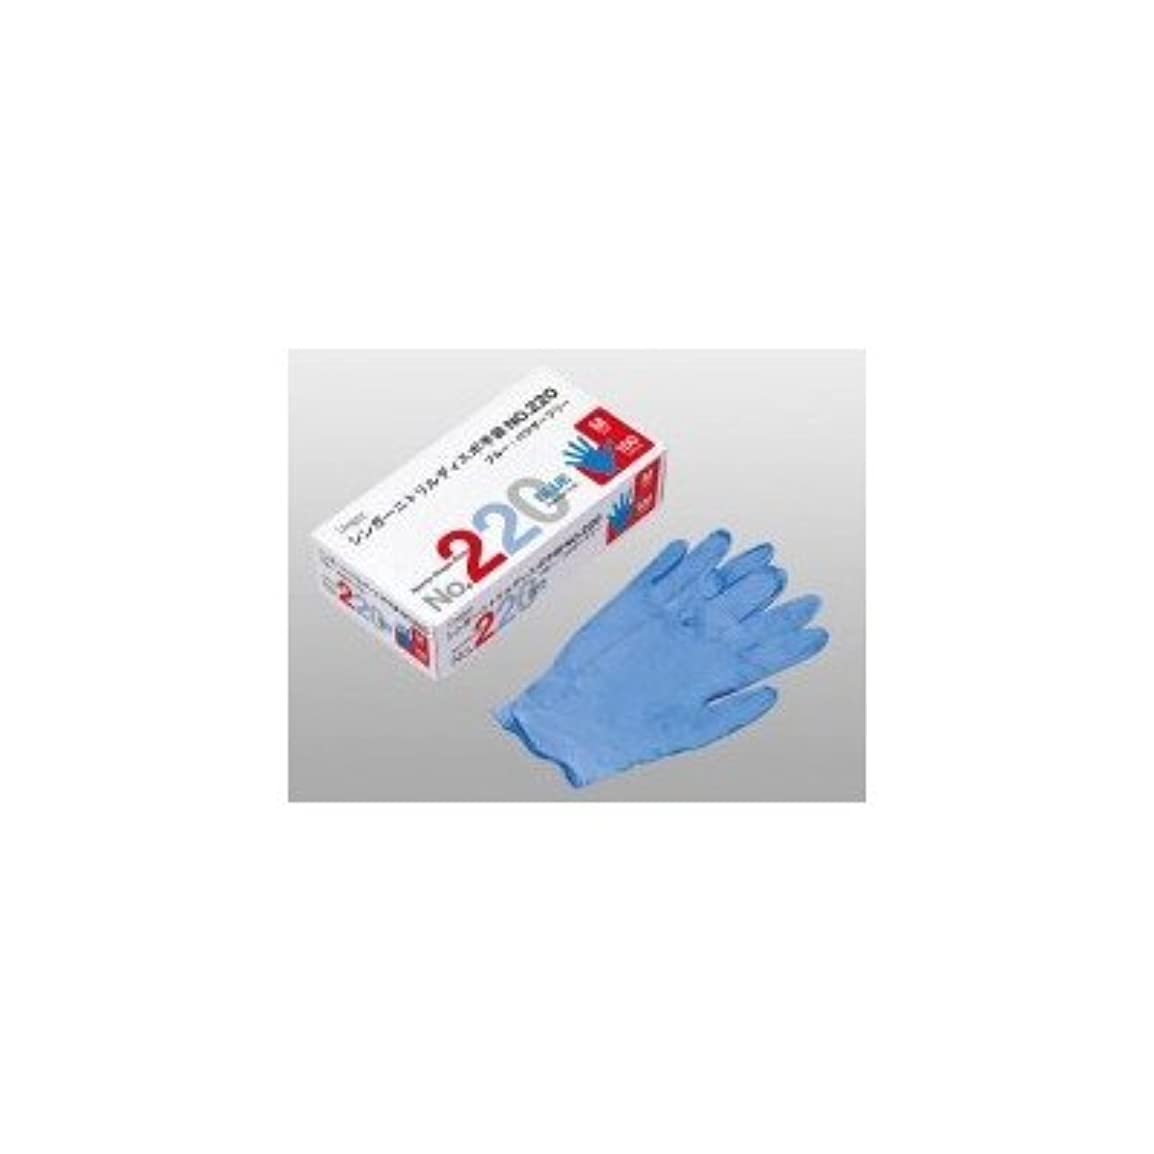 レタッチバウンドガラガラシンガーニトリルディスポ手袋 No.220 ブルー パウダーフリー(100枚) M( 画像はイメージ画像です お届けの商品はMのみとなります)